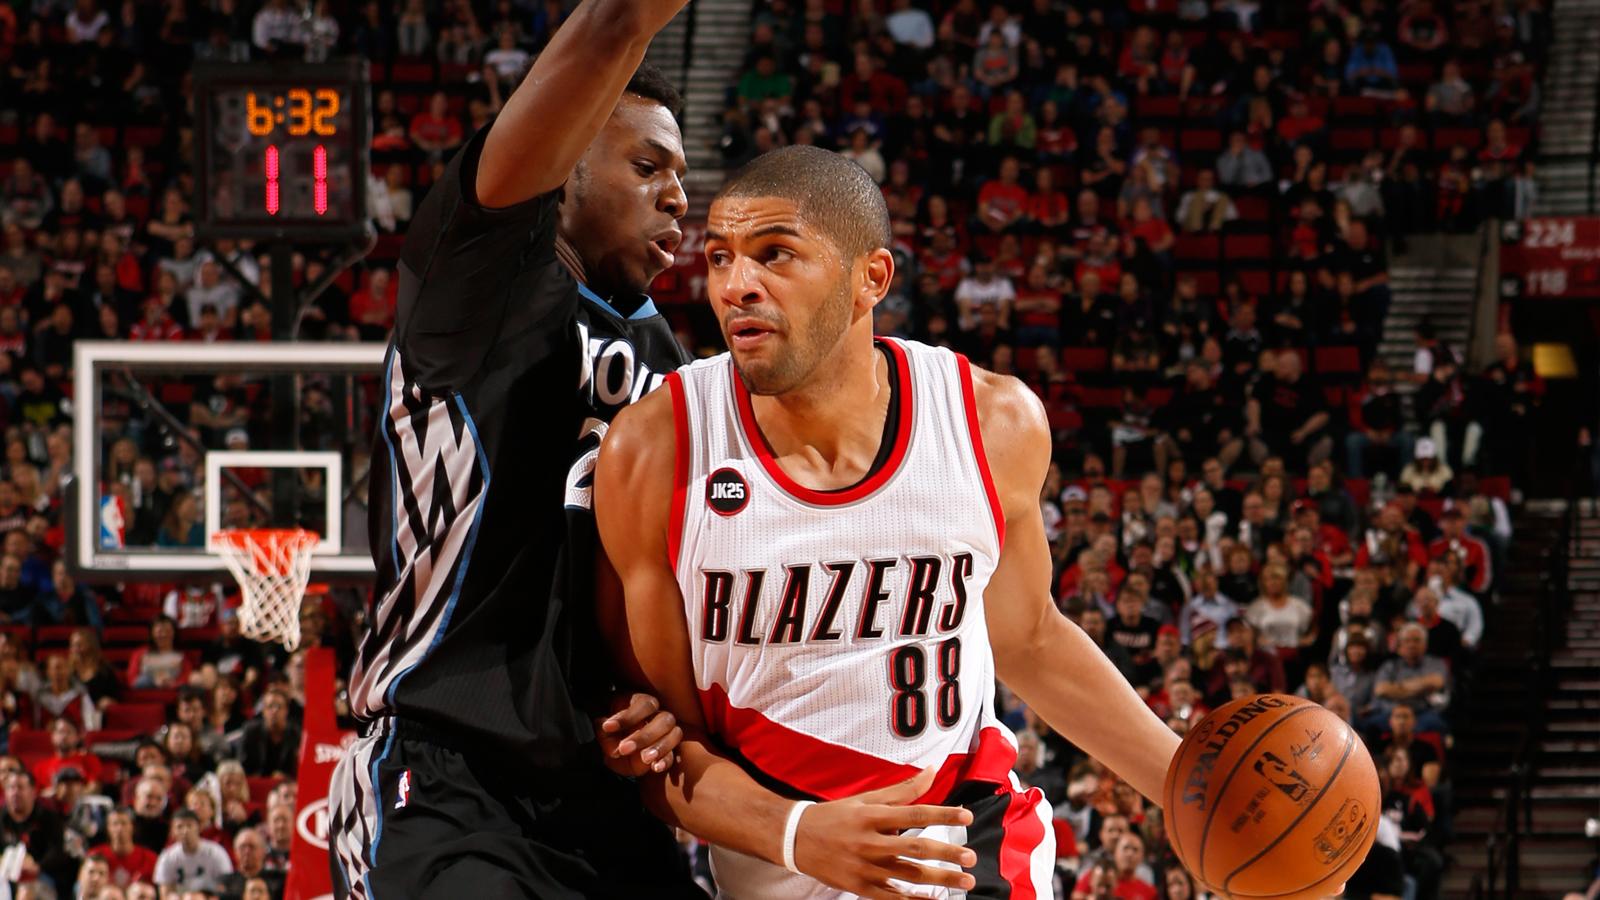 Hornets trade Henderson, Vonleh to Trail Blazers for Batum